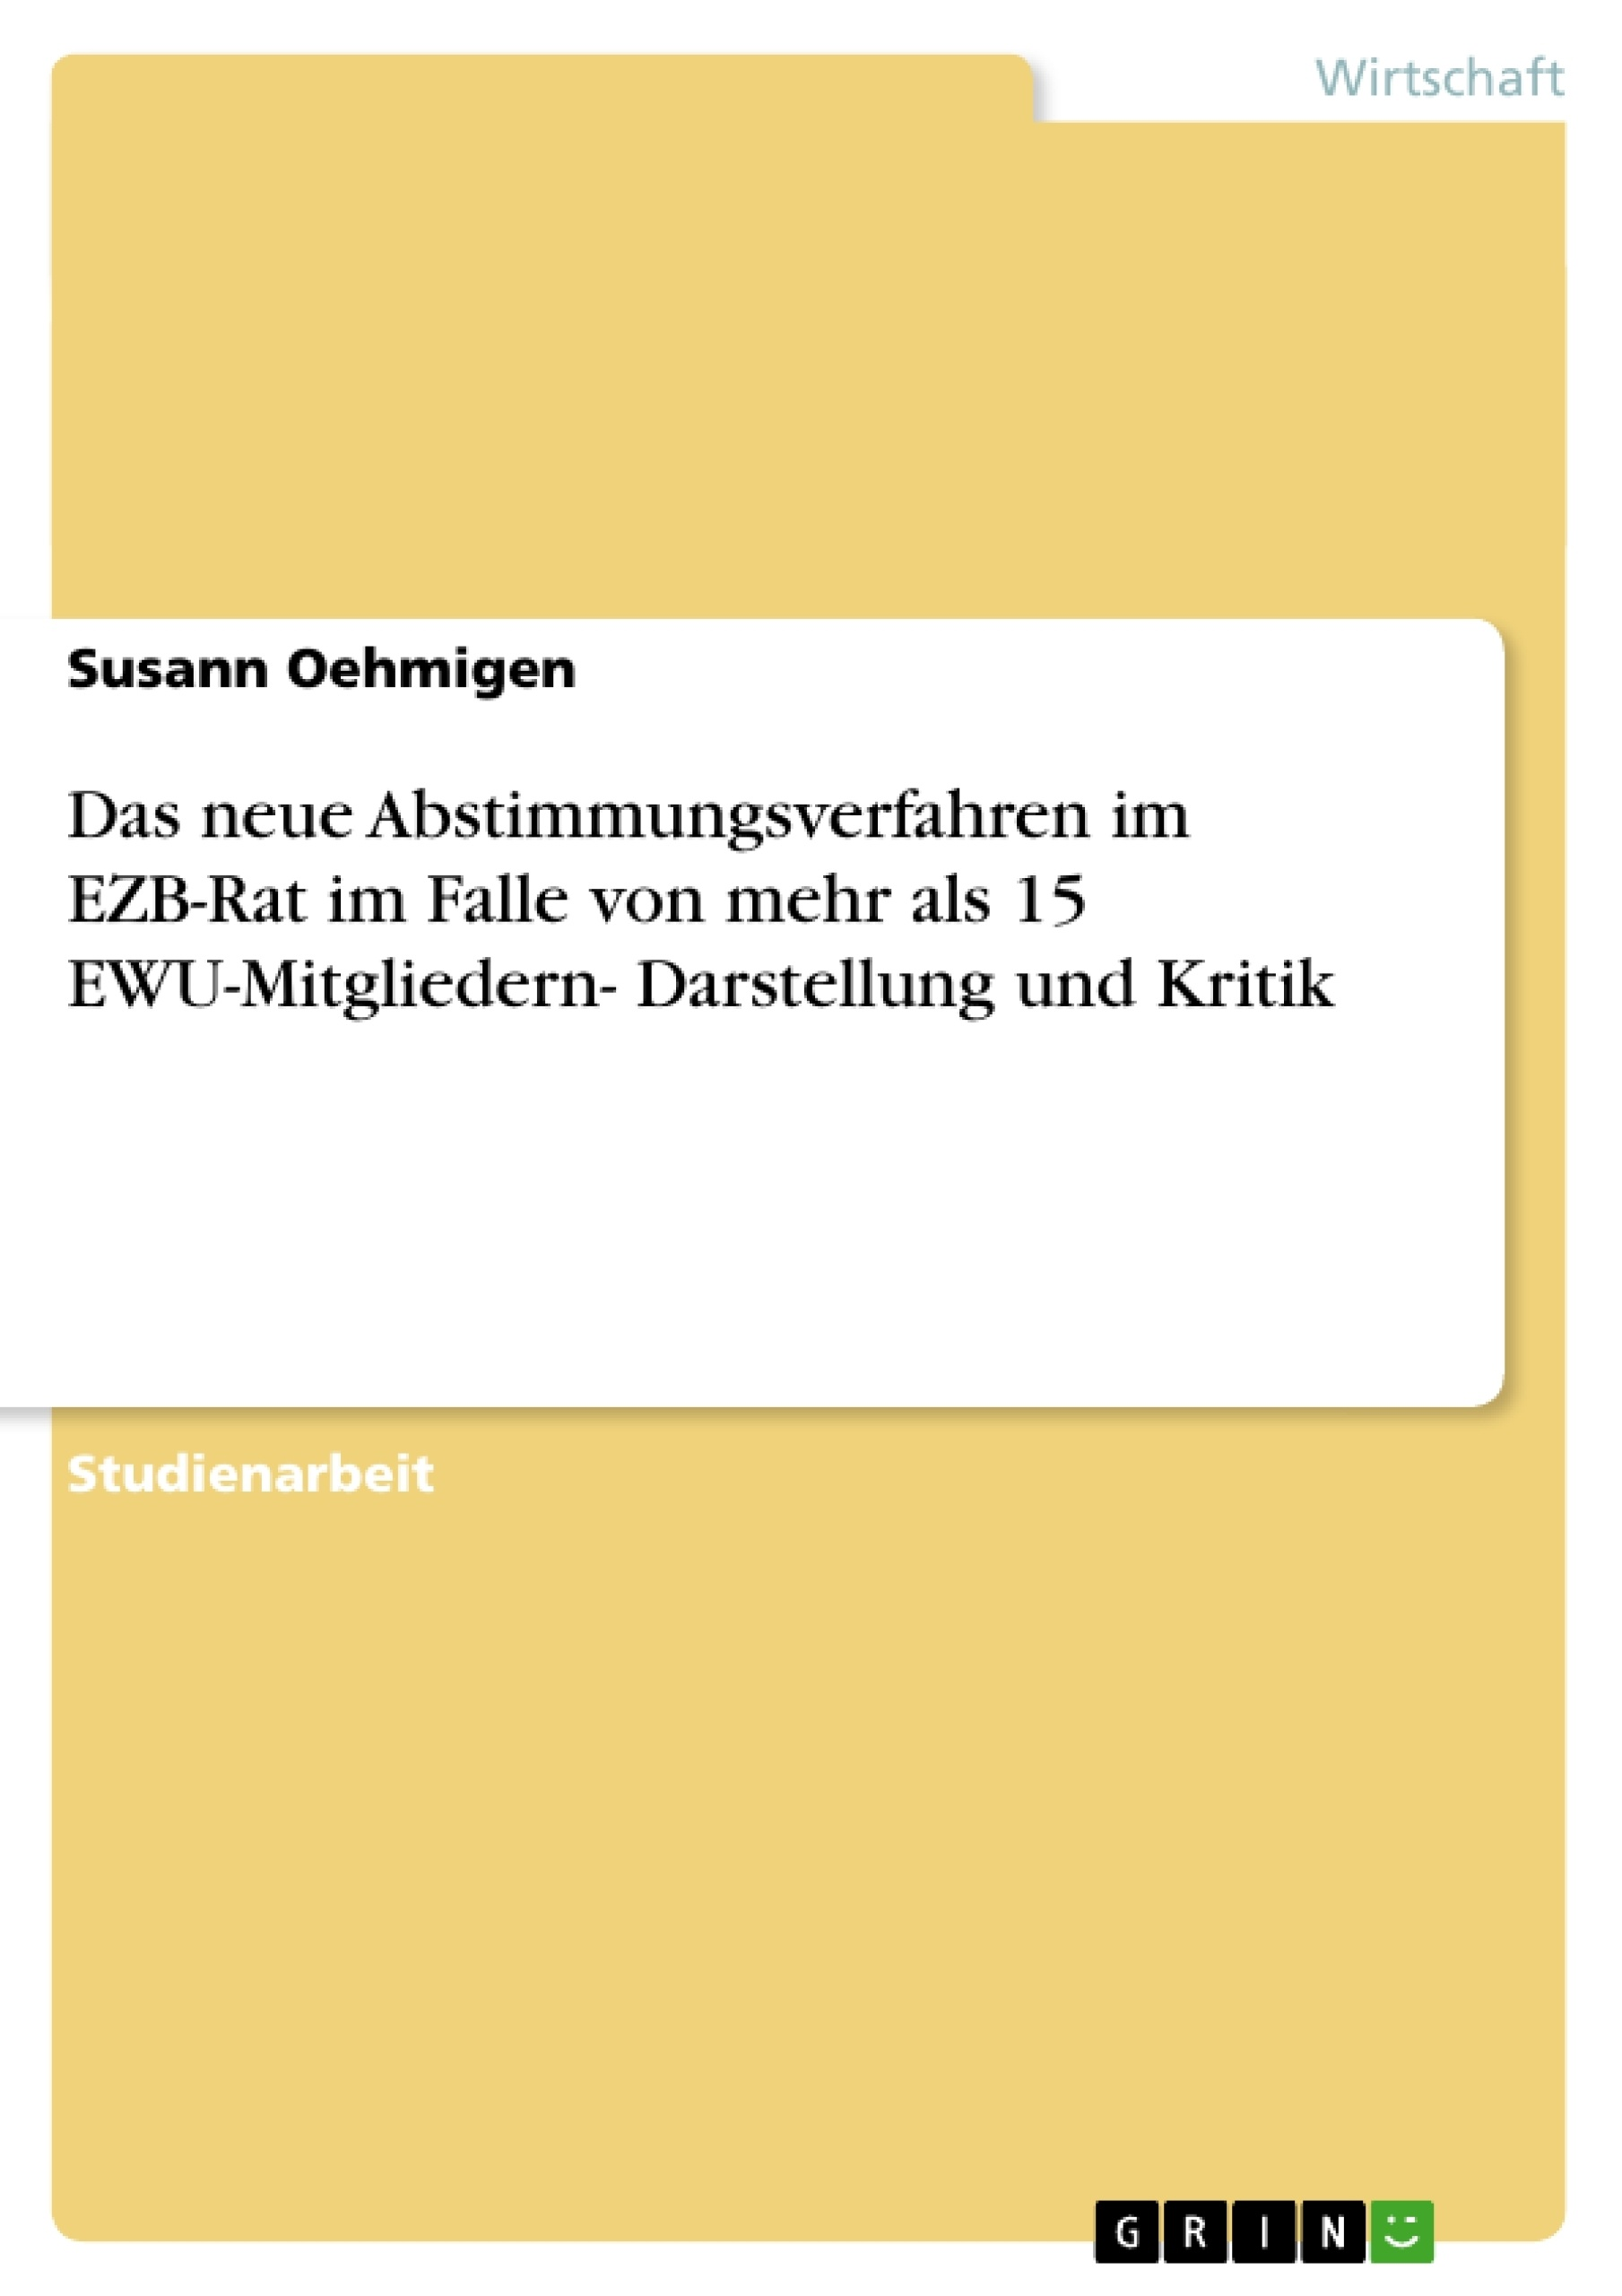 Titel: Das neue Abstimmungsverfahren im EZB-Rat im Falle von mehr als 15 EWU-Mitgliedern- Darstellung und Kritik